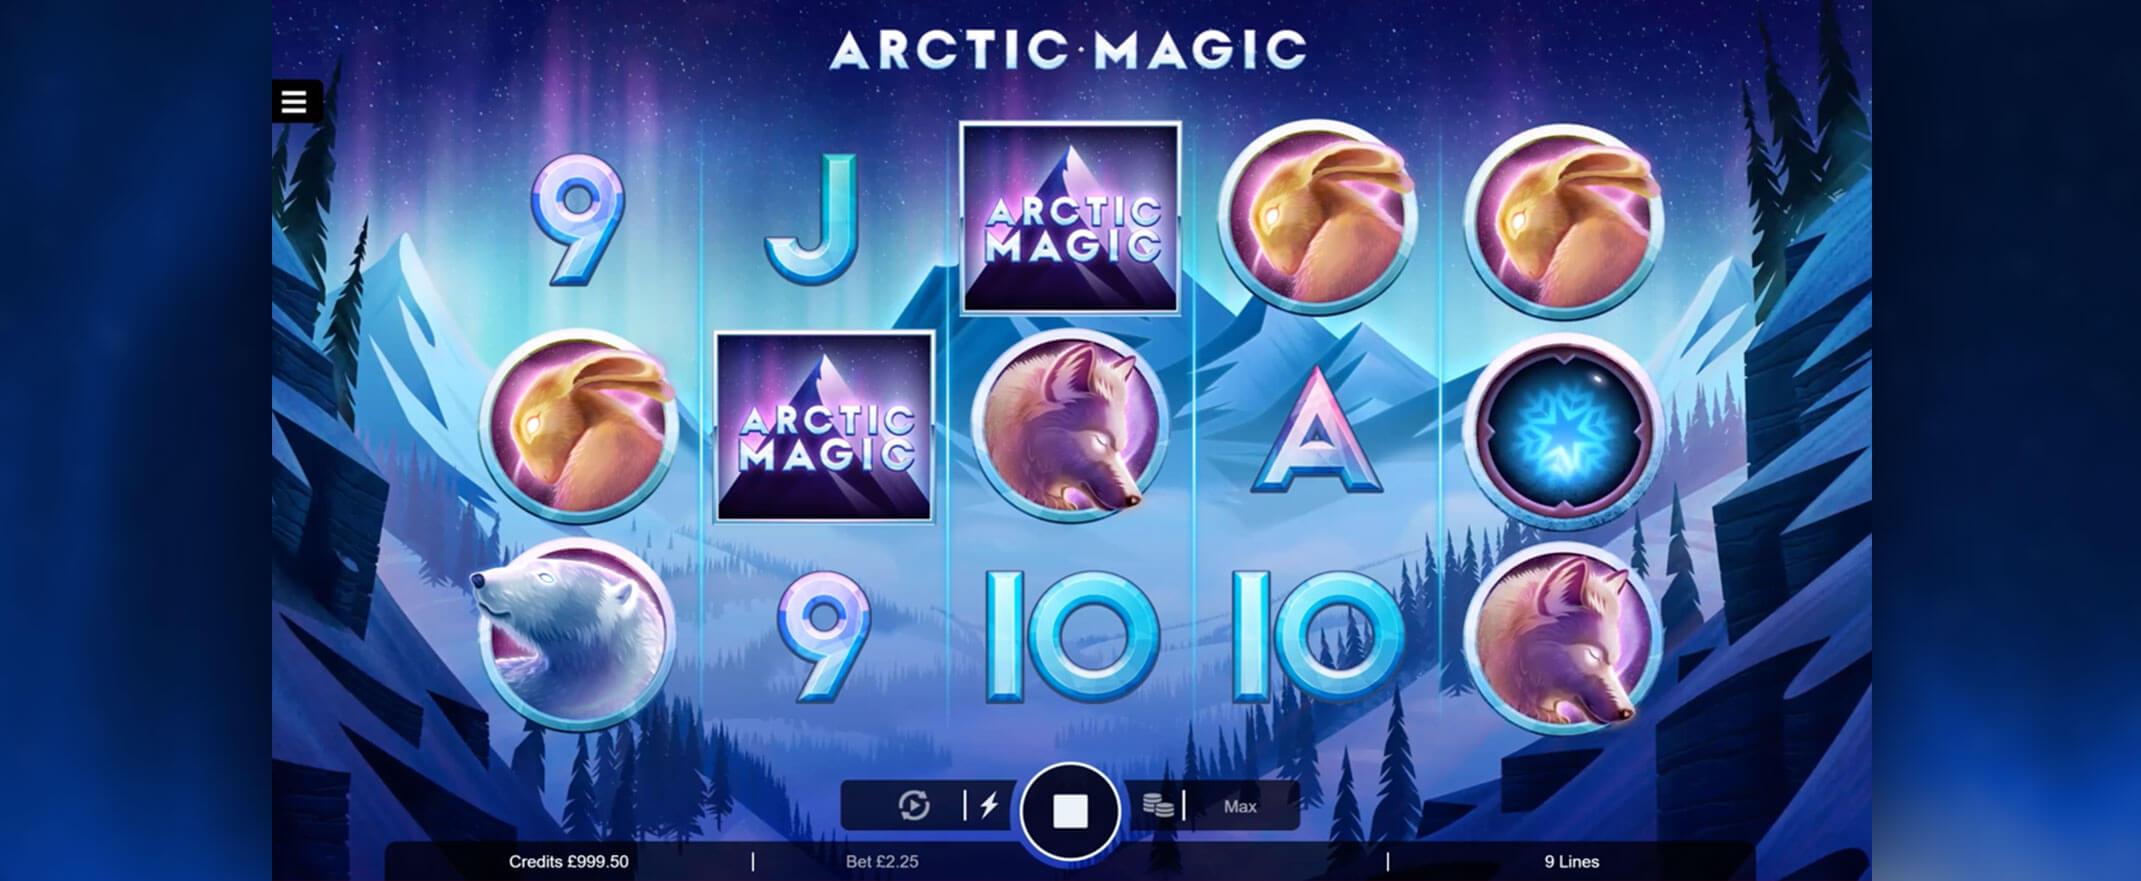 Arctic Magic Casino Game Play